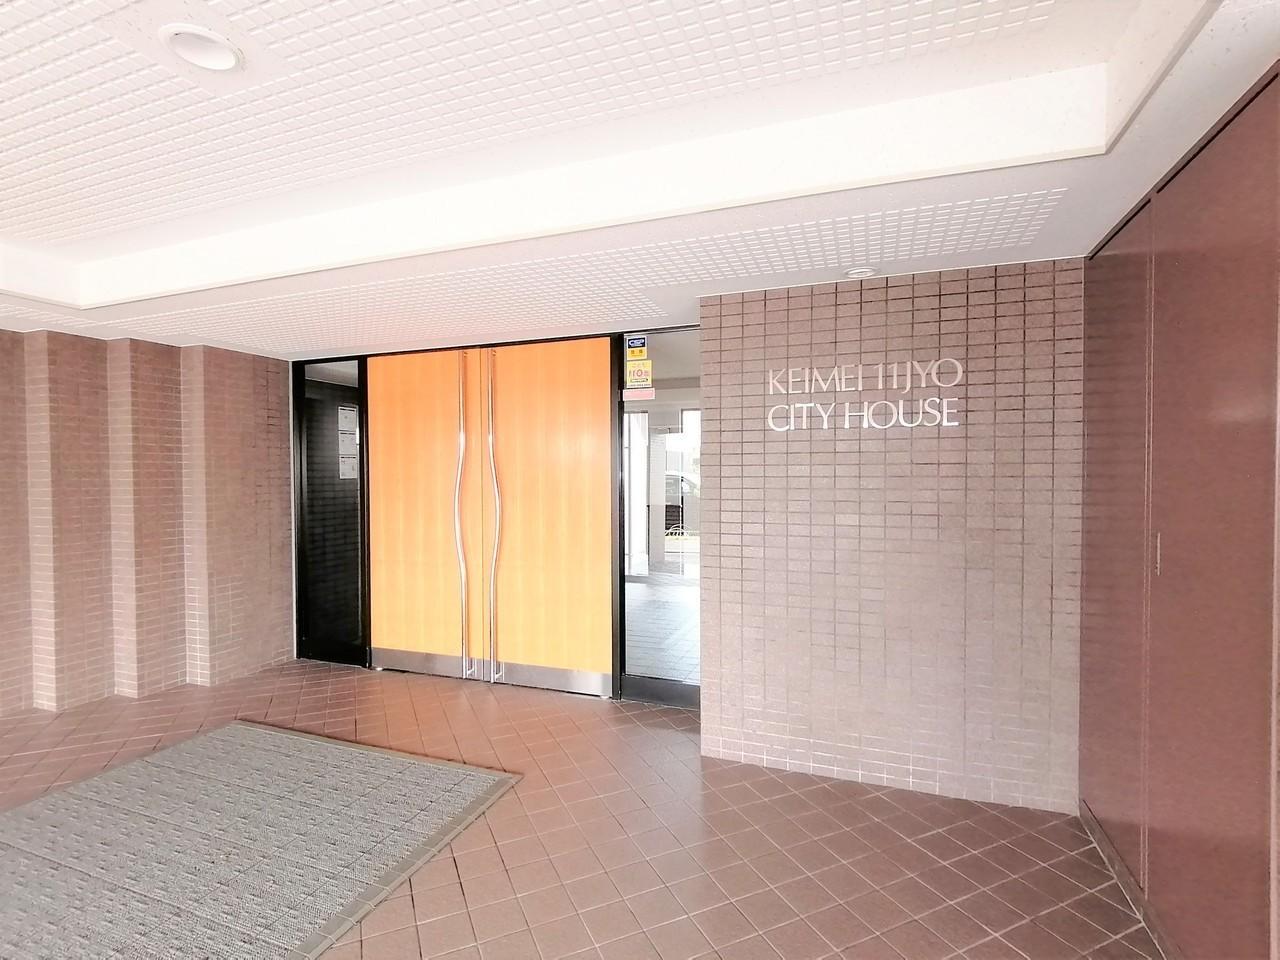 啓明11条シティハウス/札幌市中央区 画像2